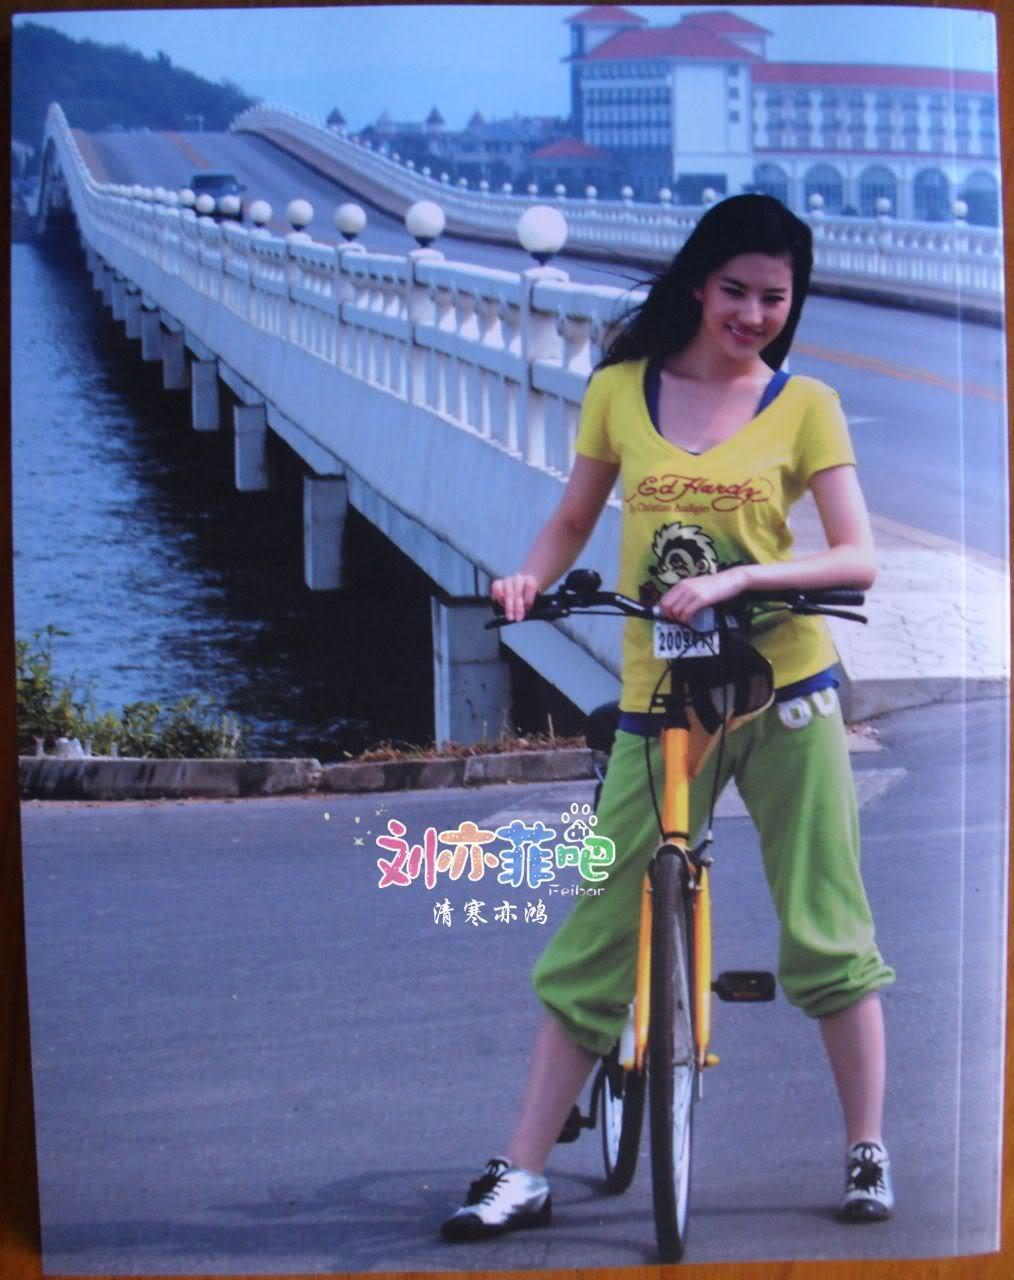 [2008] โฆษณาประชาสัมพันธ์ส่งเสริมการท่องเที่ยวเมืองซูโจว E26ff25079974048853524b3